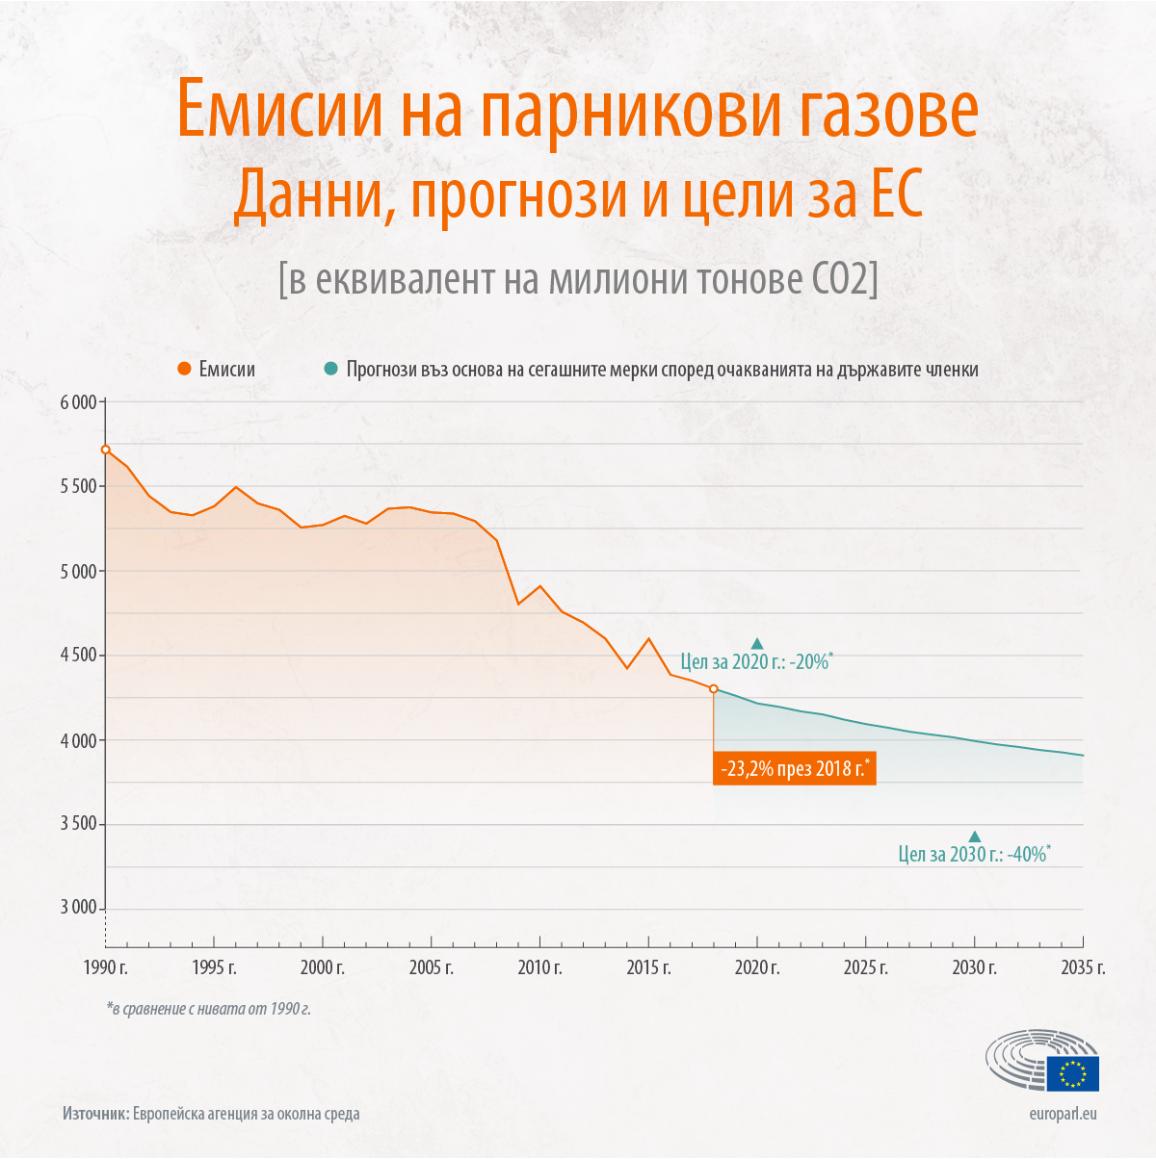 Инфографика: намаляване на емисиите на парникови газове в ЕС от 1990 г. до 2020 г. и прогнози до 2035 г.